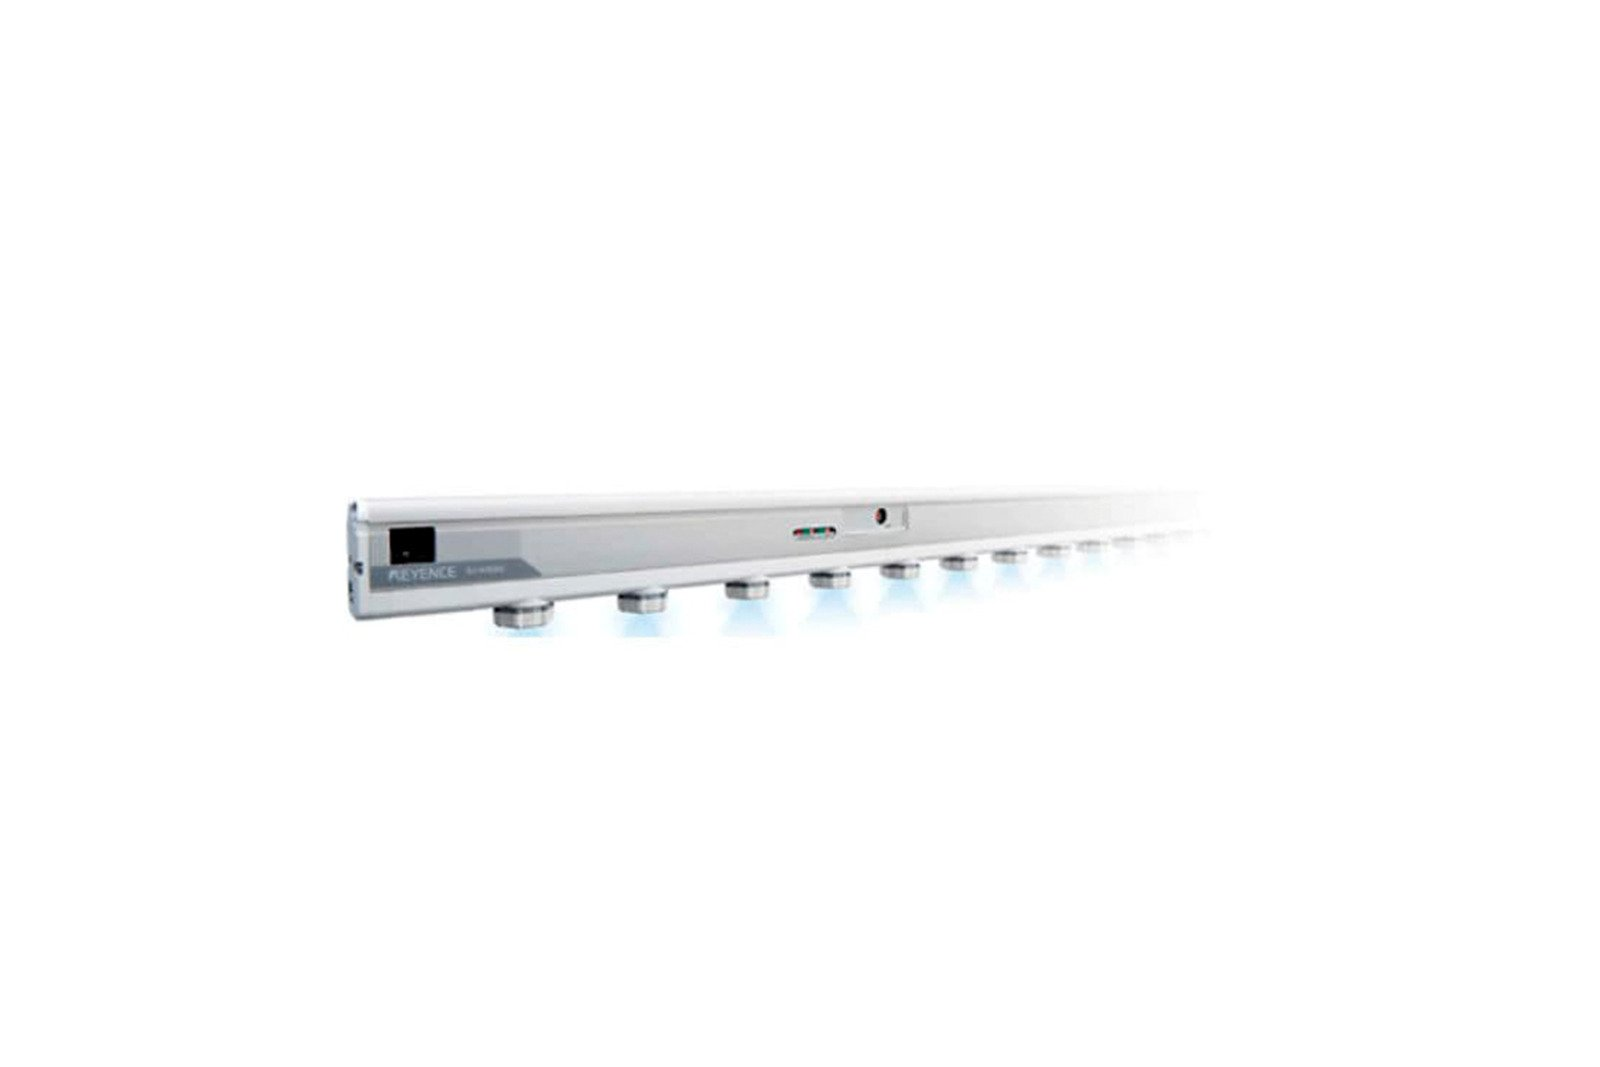 Keyence Bar Type Main Unit 600 mm SJ-G060